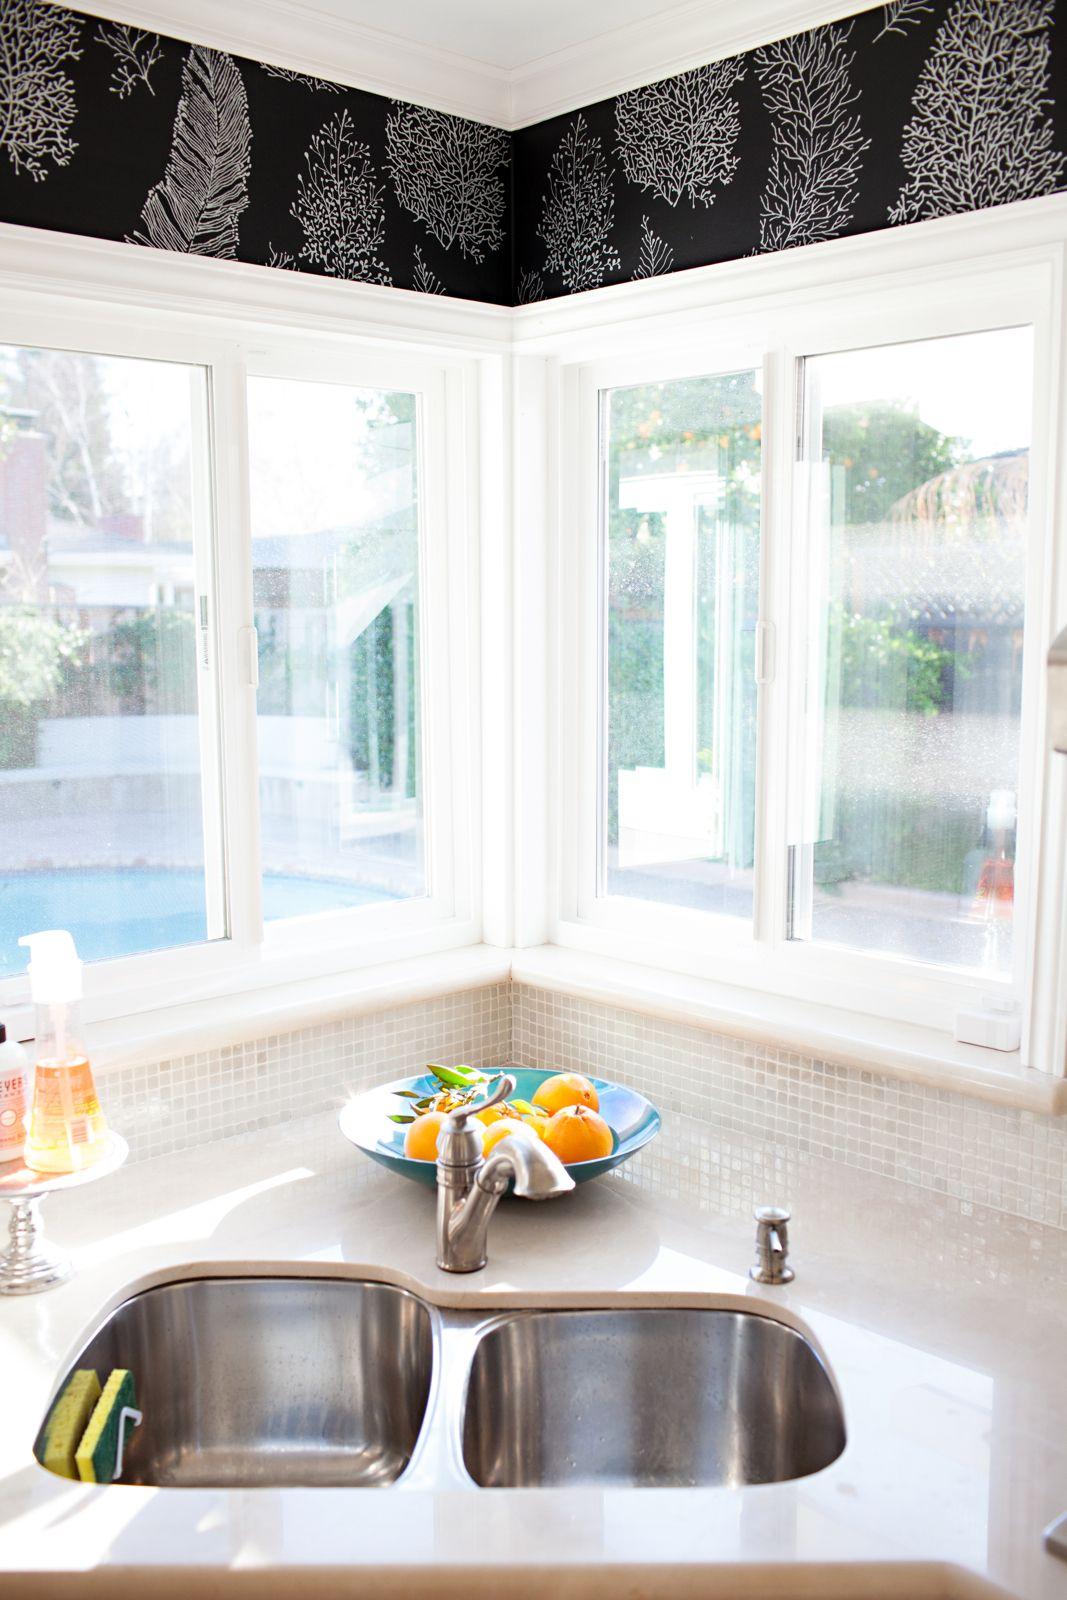 York All Over Coral Wallpaper Around The Kitchen Sink Windows Corner Sink Kitchen Sink Design Window Over Sink